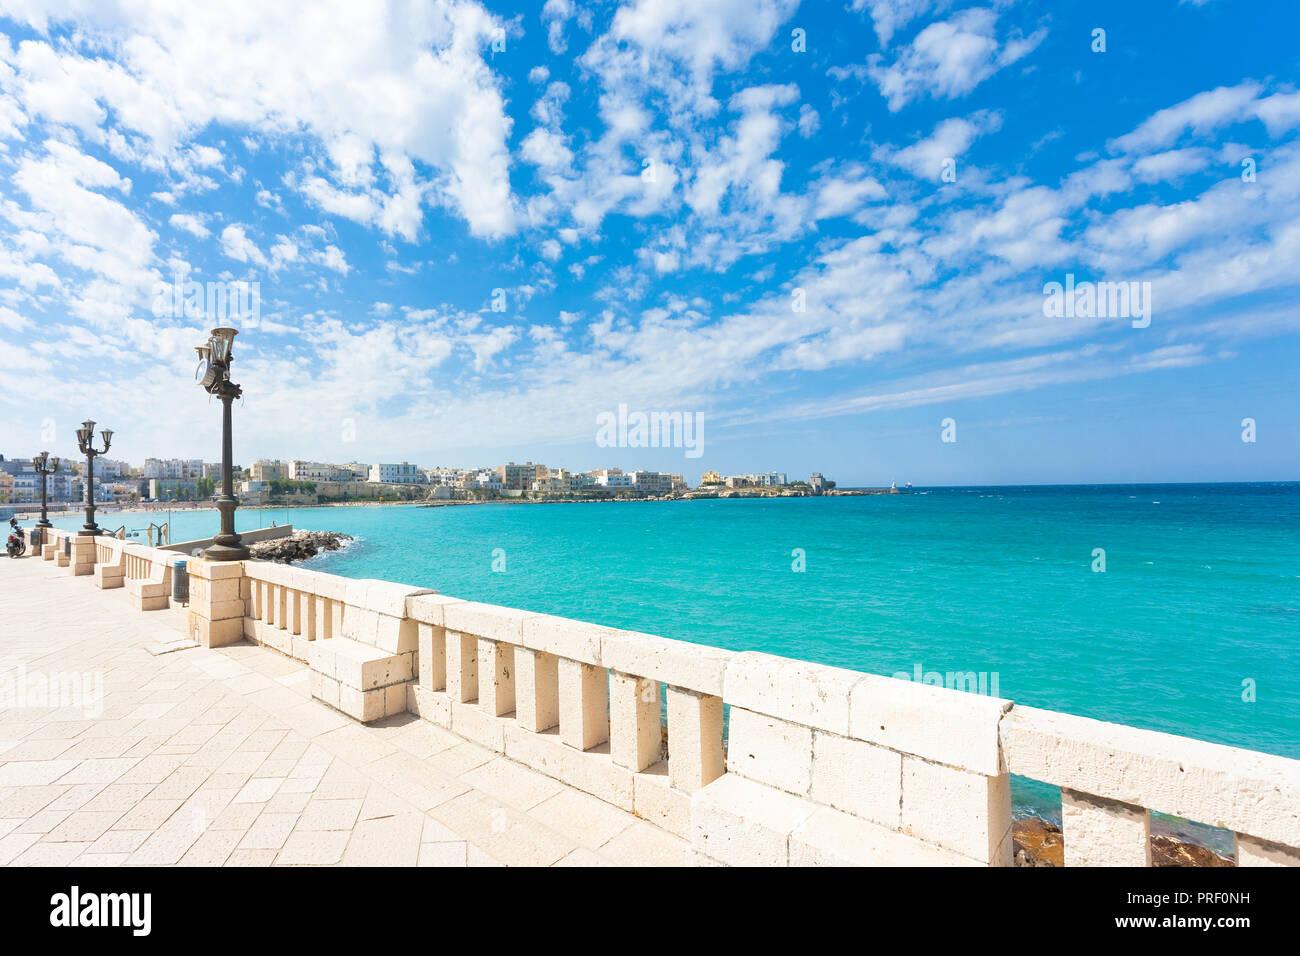 Otranto, Apulia, Italy - Lookout from the promenade of Otranto in Italy Stock Photo